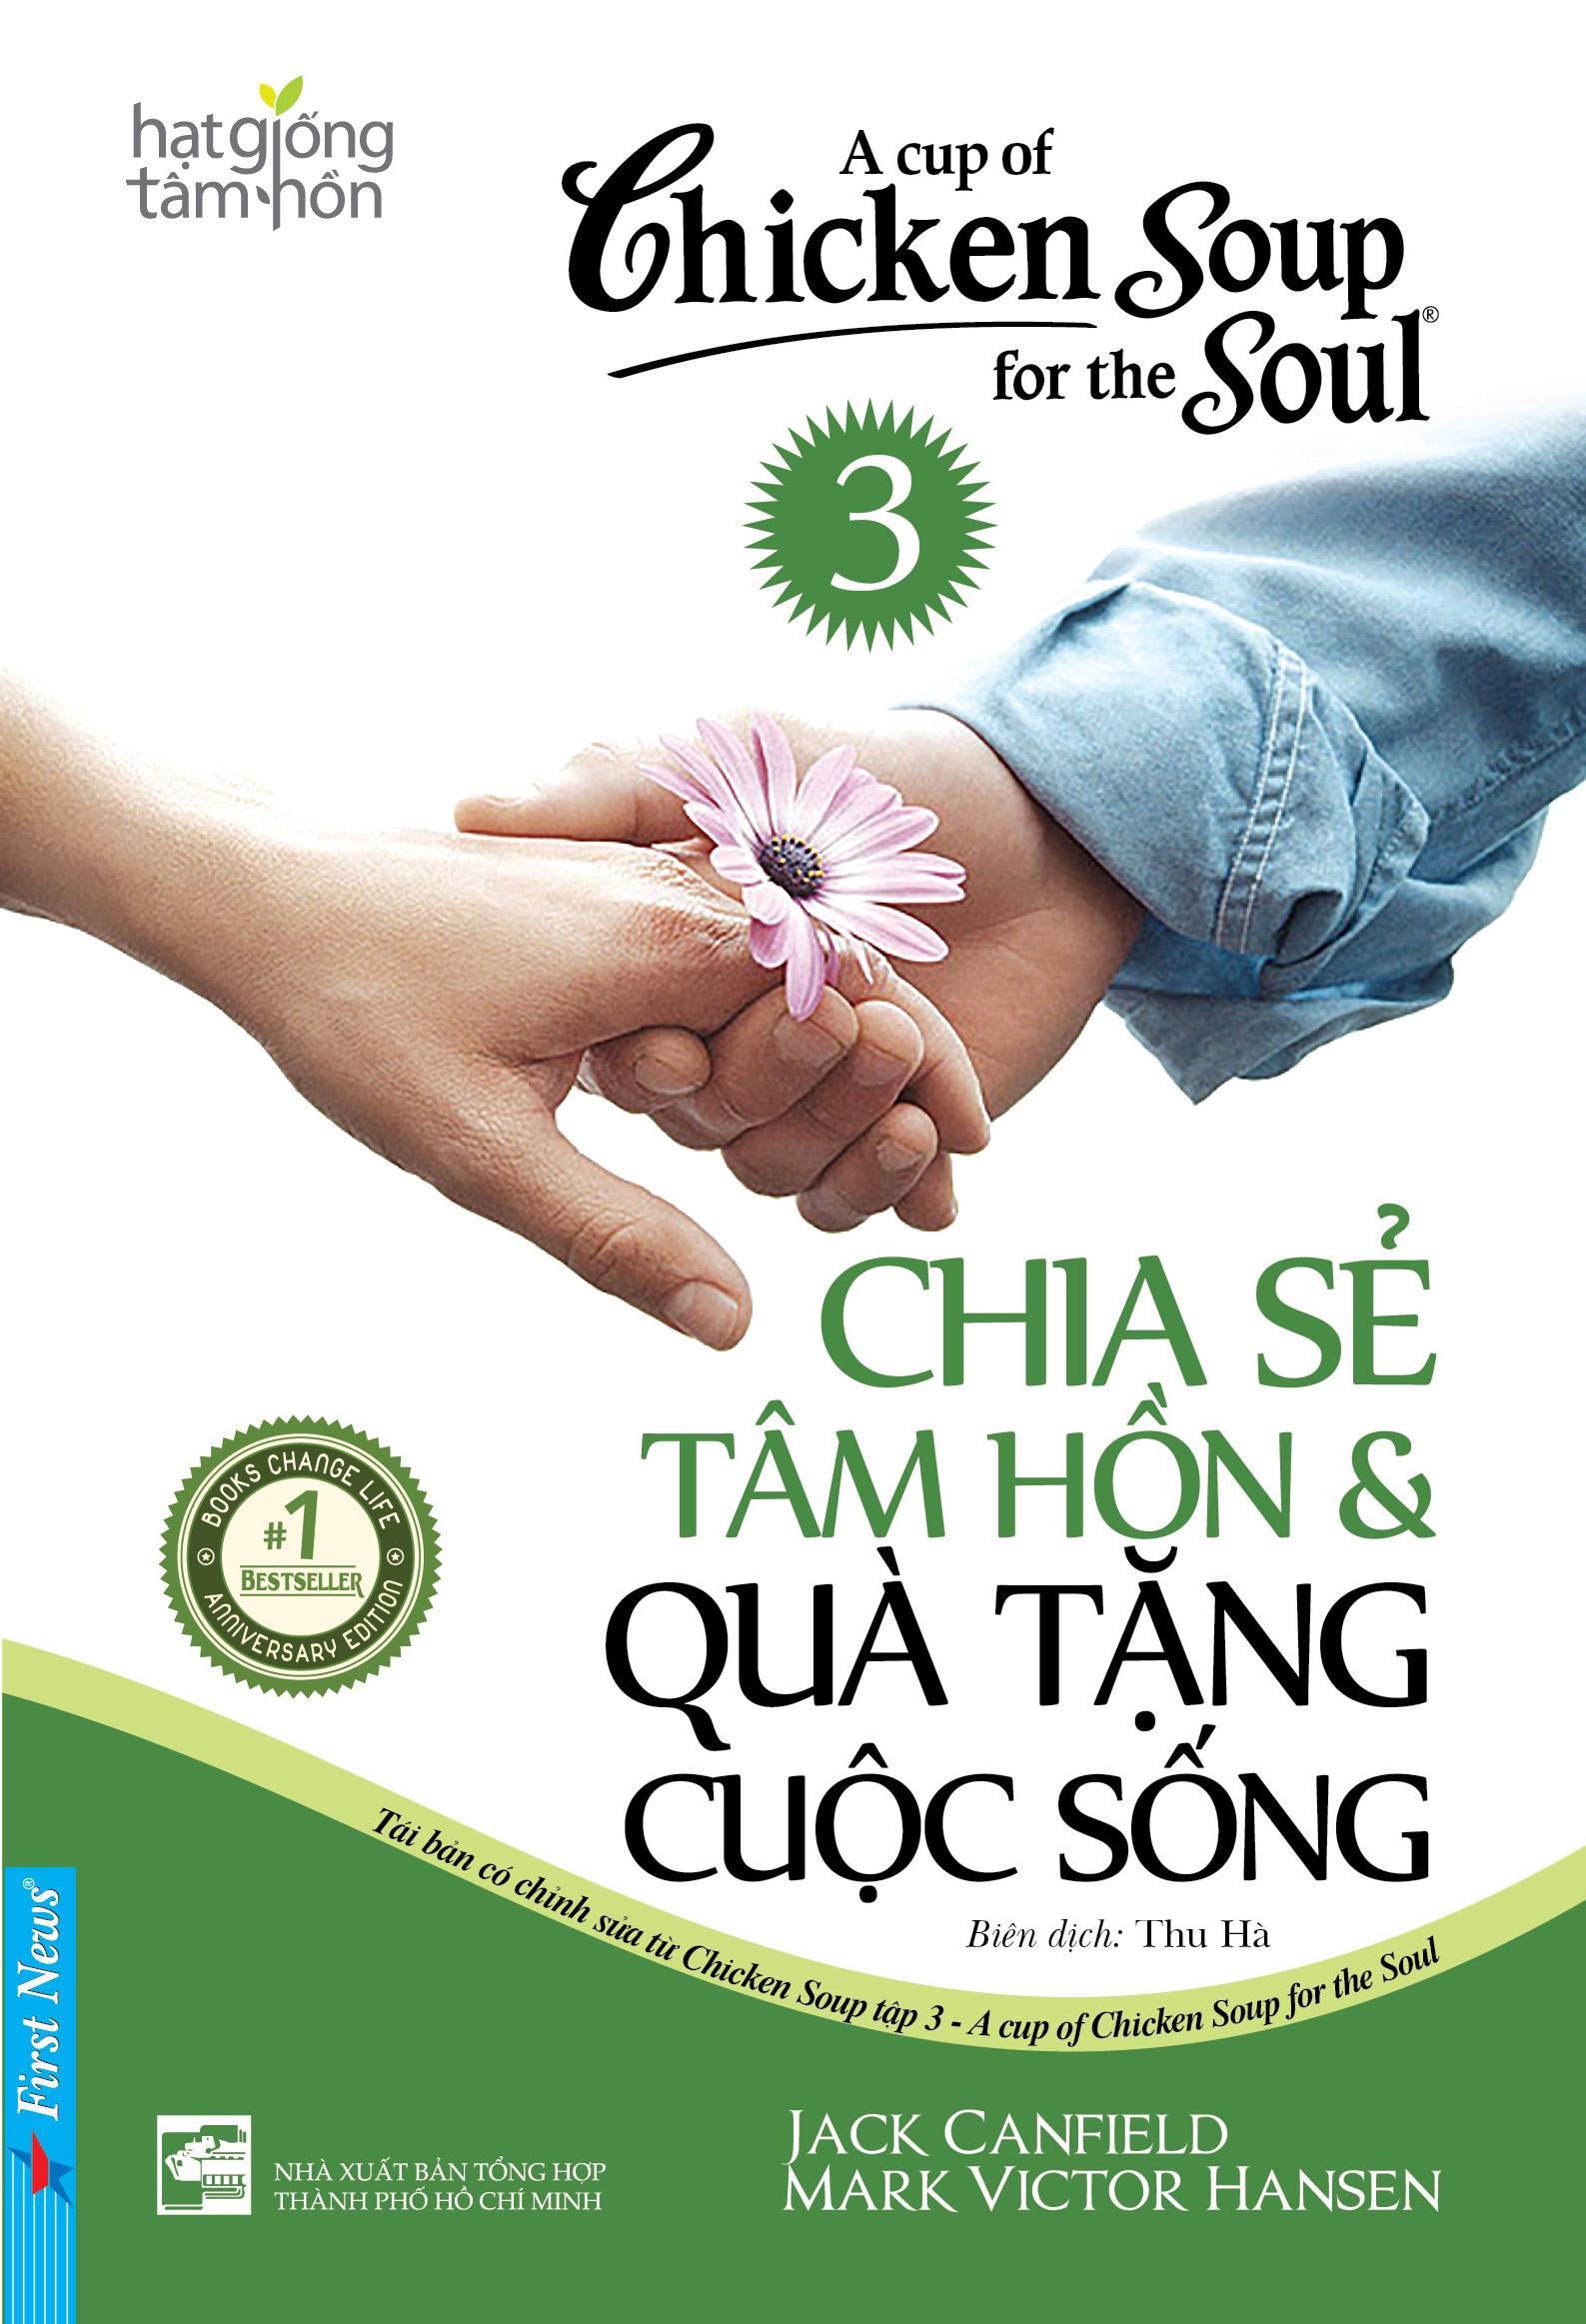 Chicken Soup For The Soul 3 - Chia Sẻ Tâm Hồn & Quà Tặng Cuộc Sống